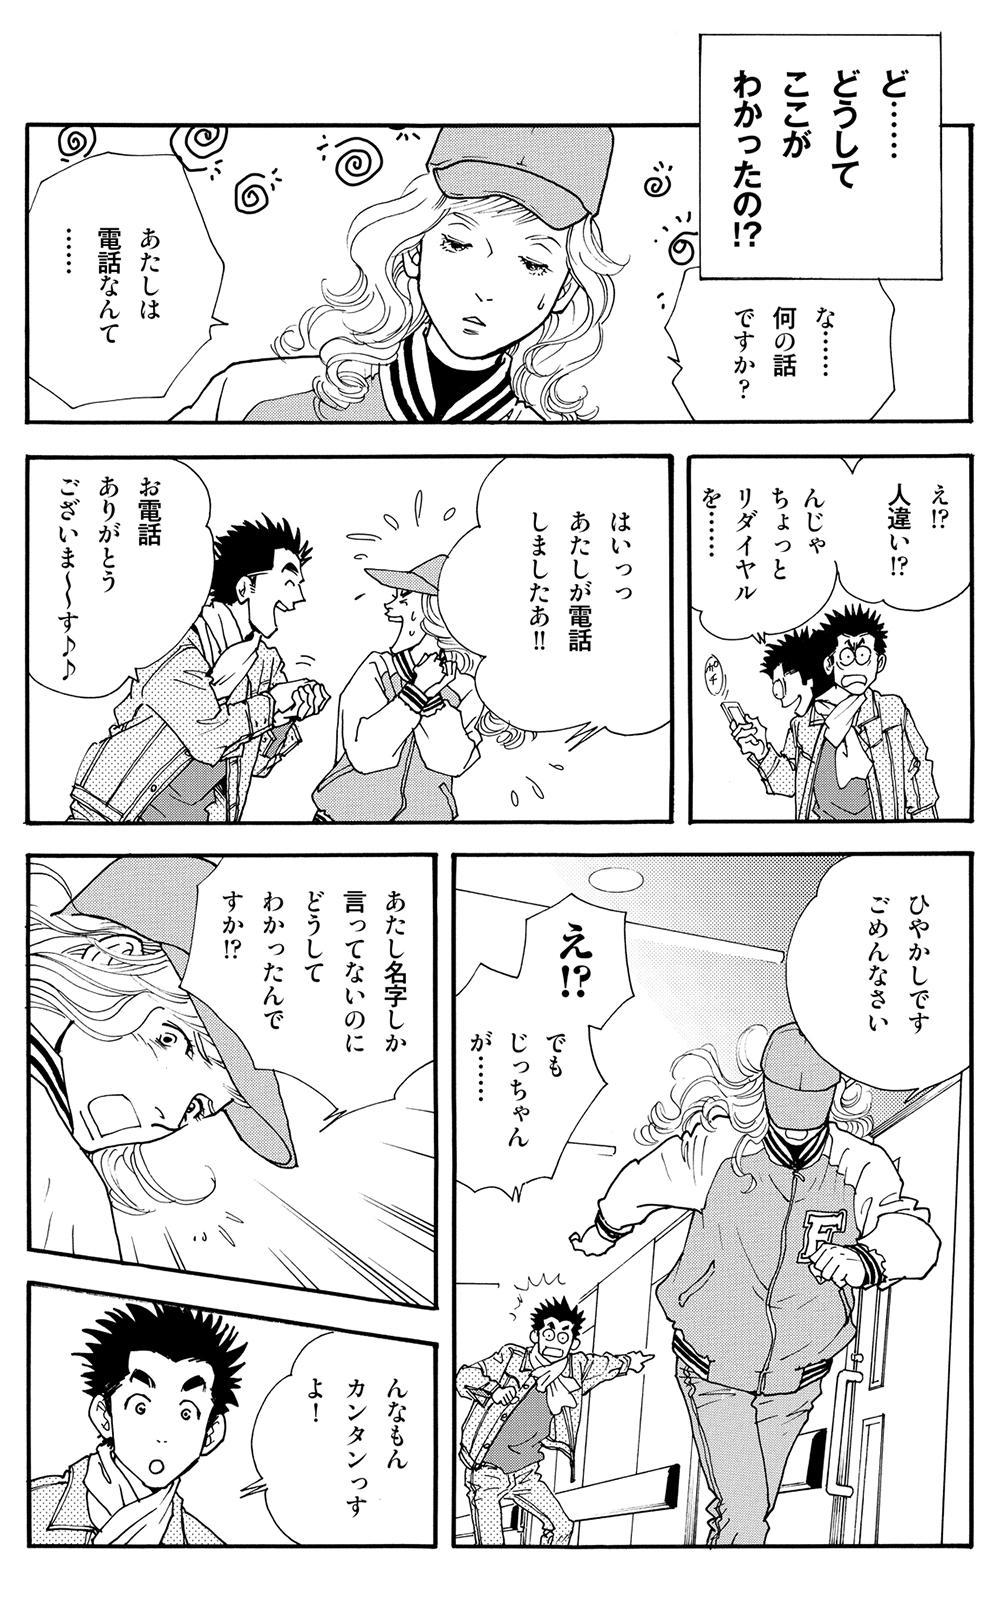 ヘルプマン!! 第3話「怪しい男」helpman03-15.jpg